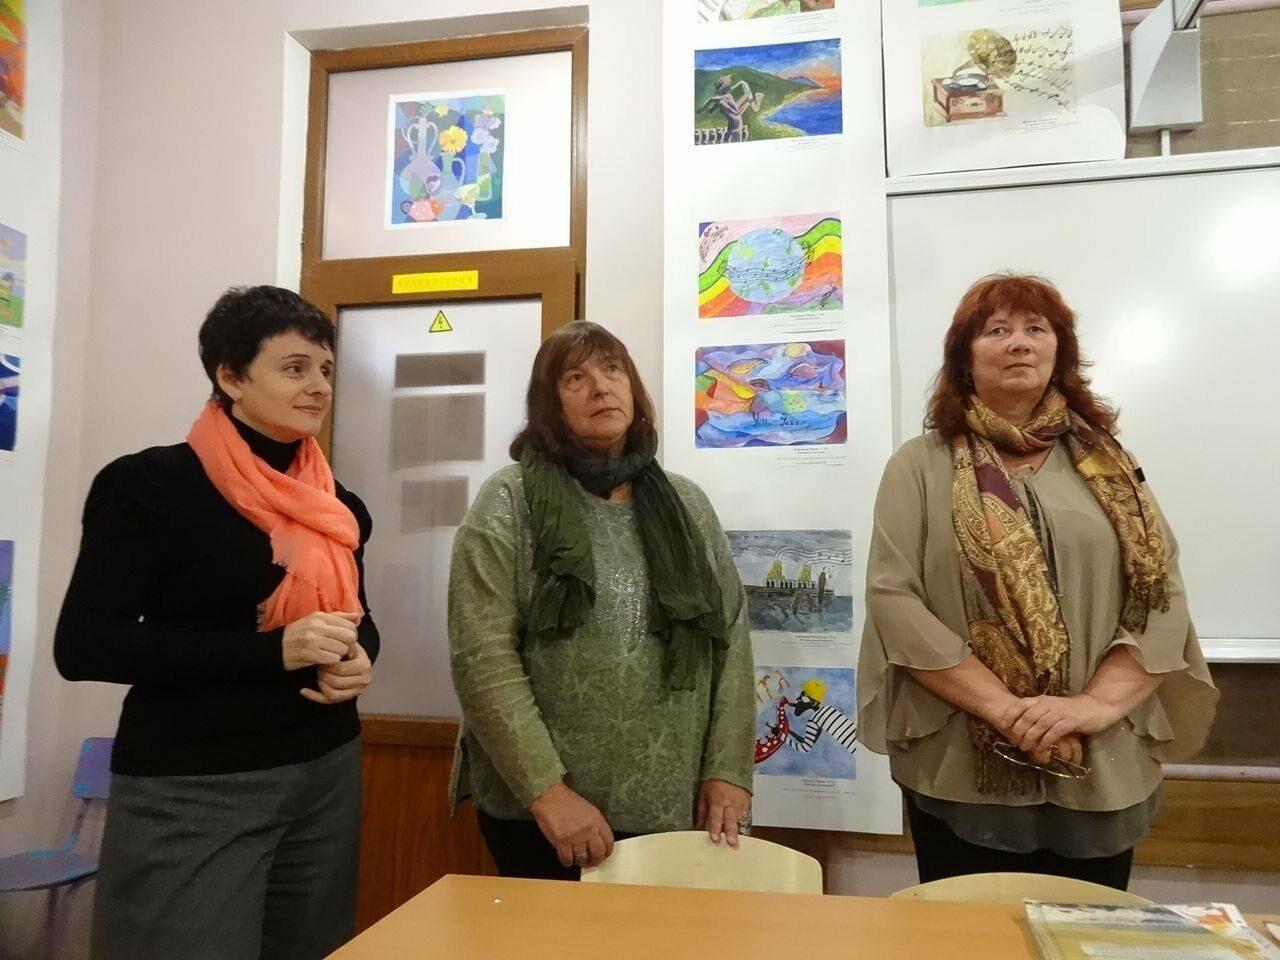 В Ялте открыта выставка юных талантов из России, Украины, Израиля и США, фото-1